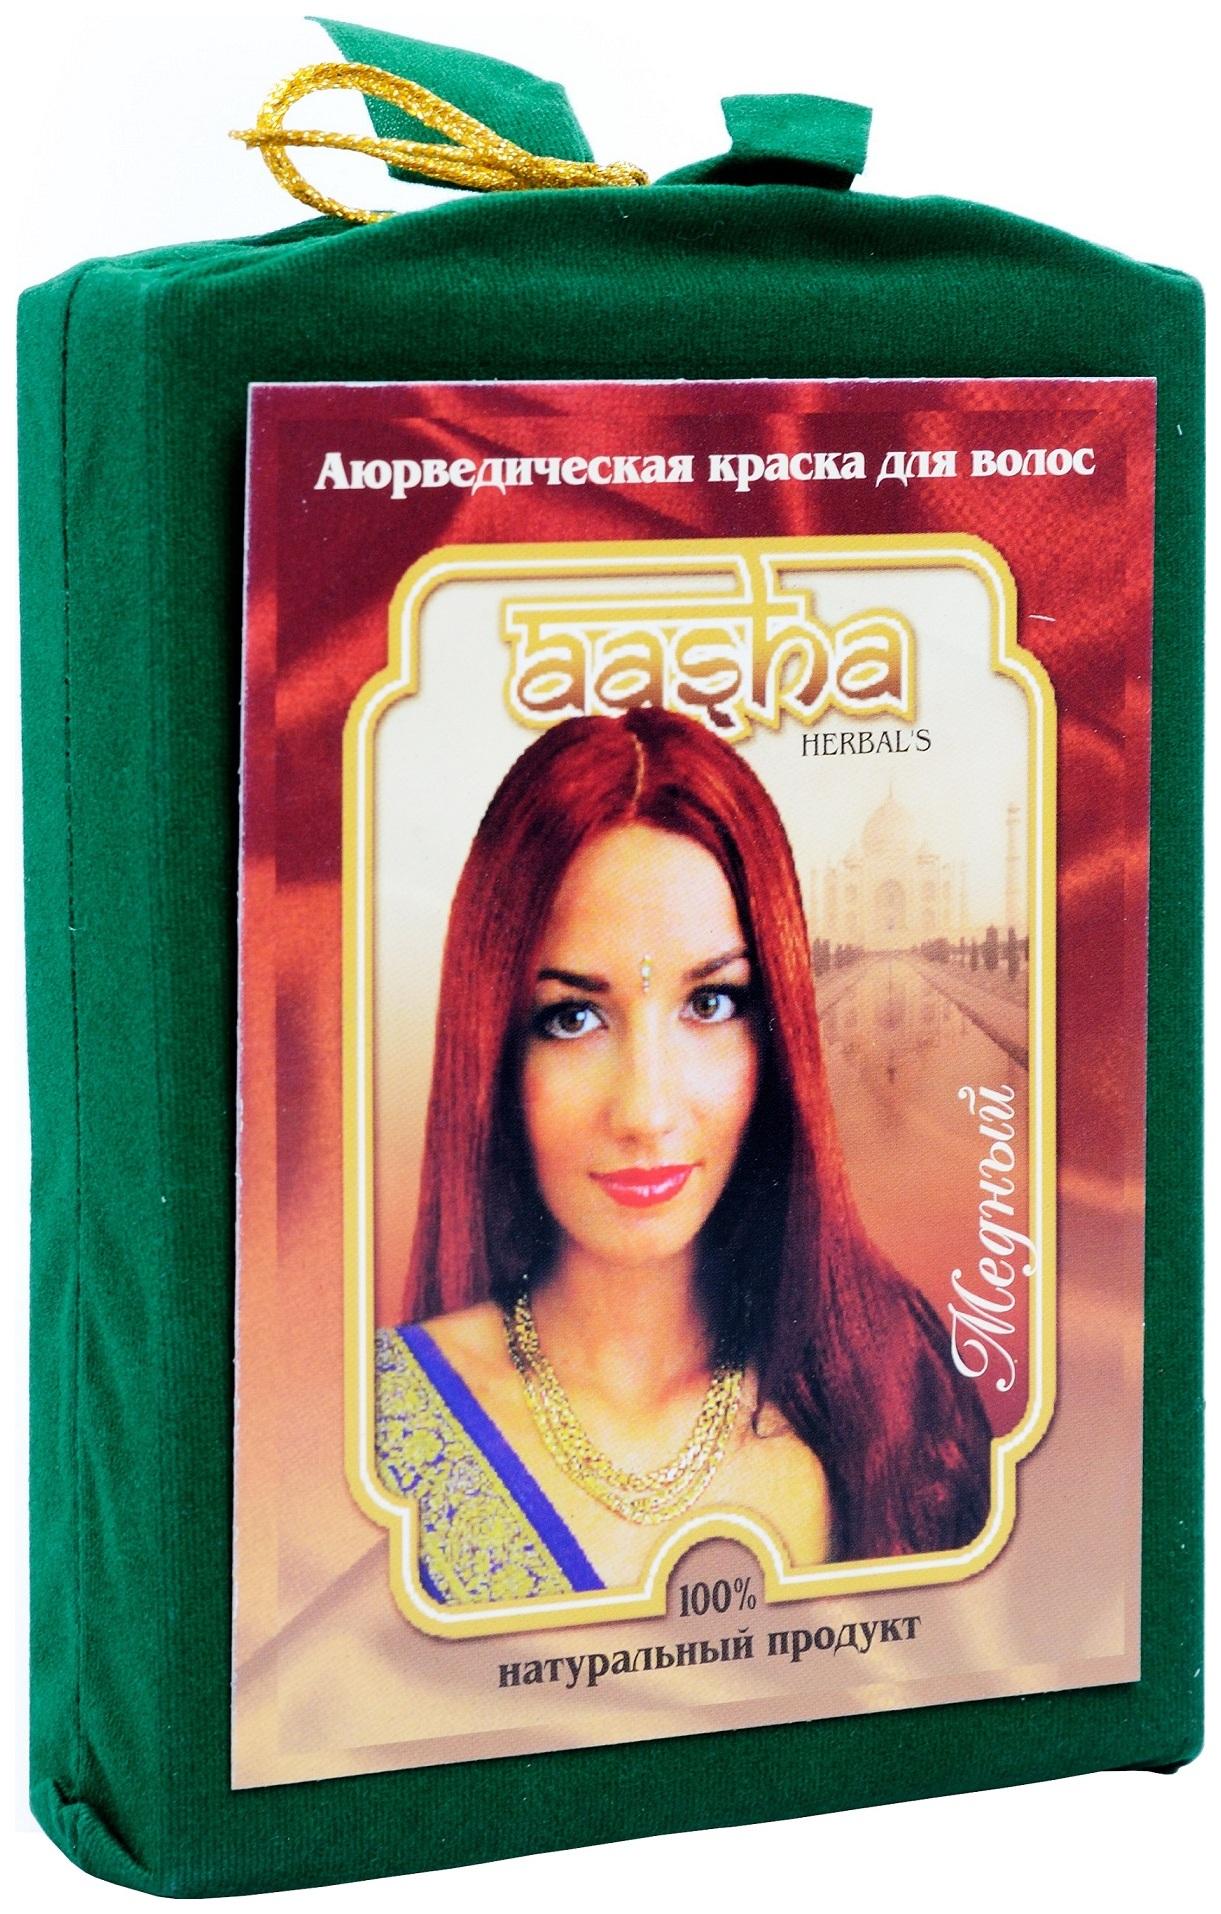 Купить Краска для волос Aasha Аюрведическая Медный 100 г, Aasha Herbals